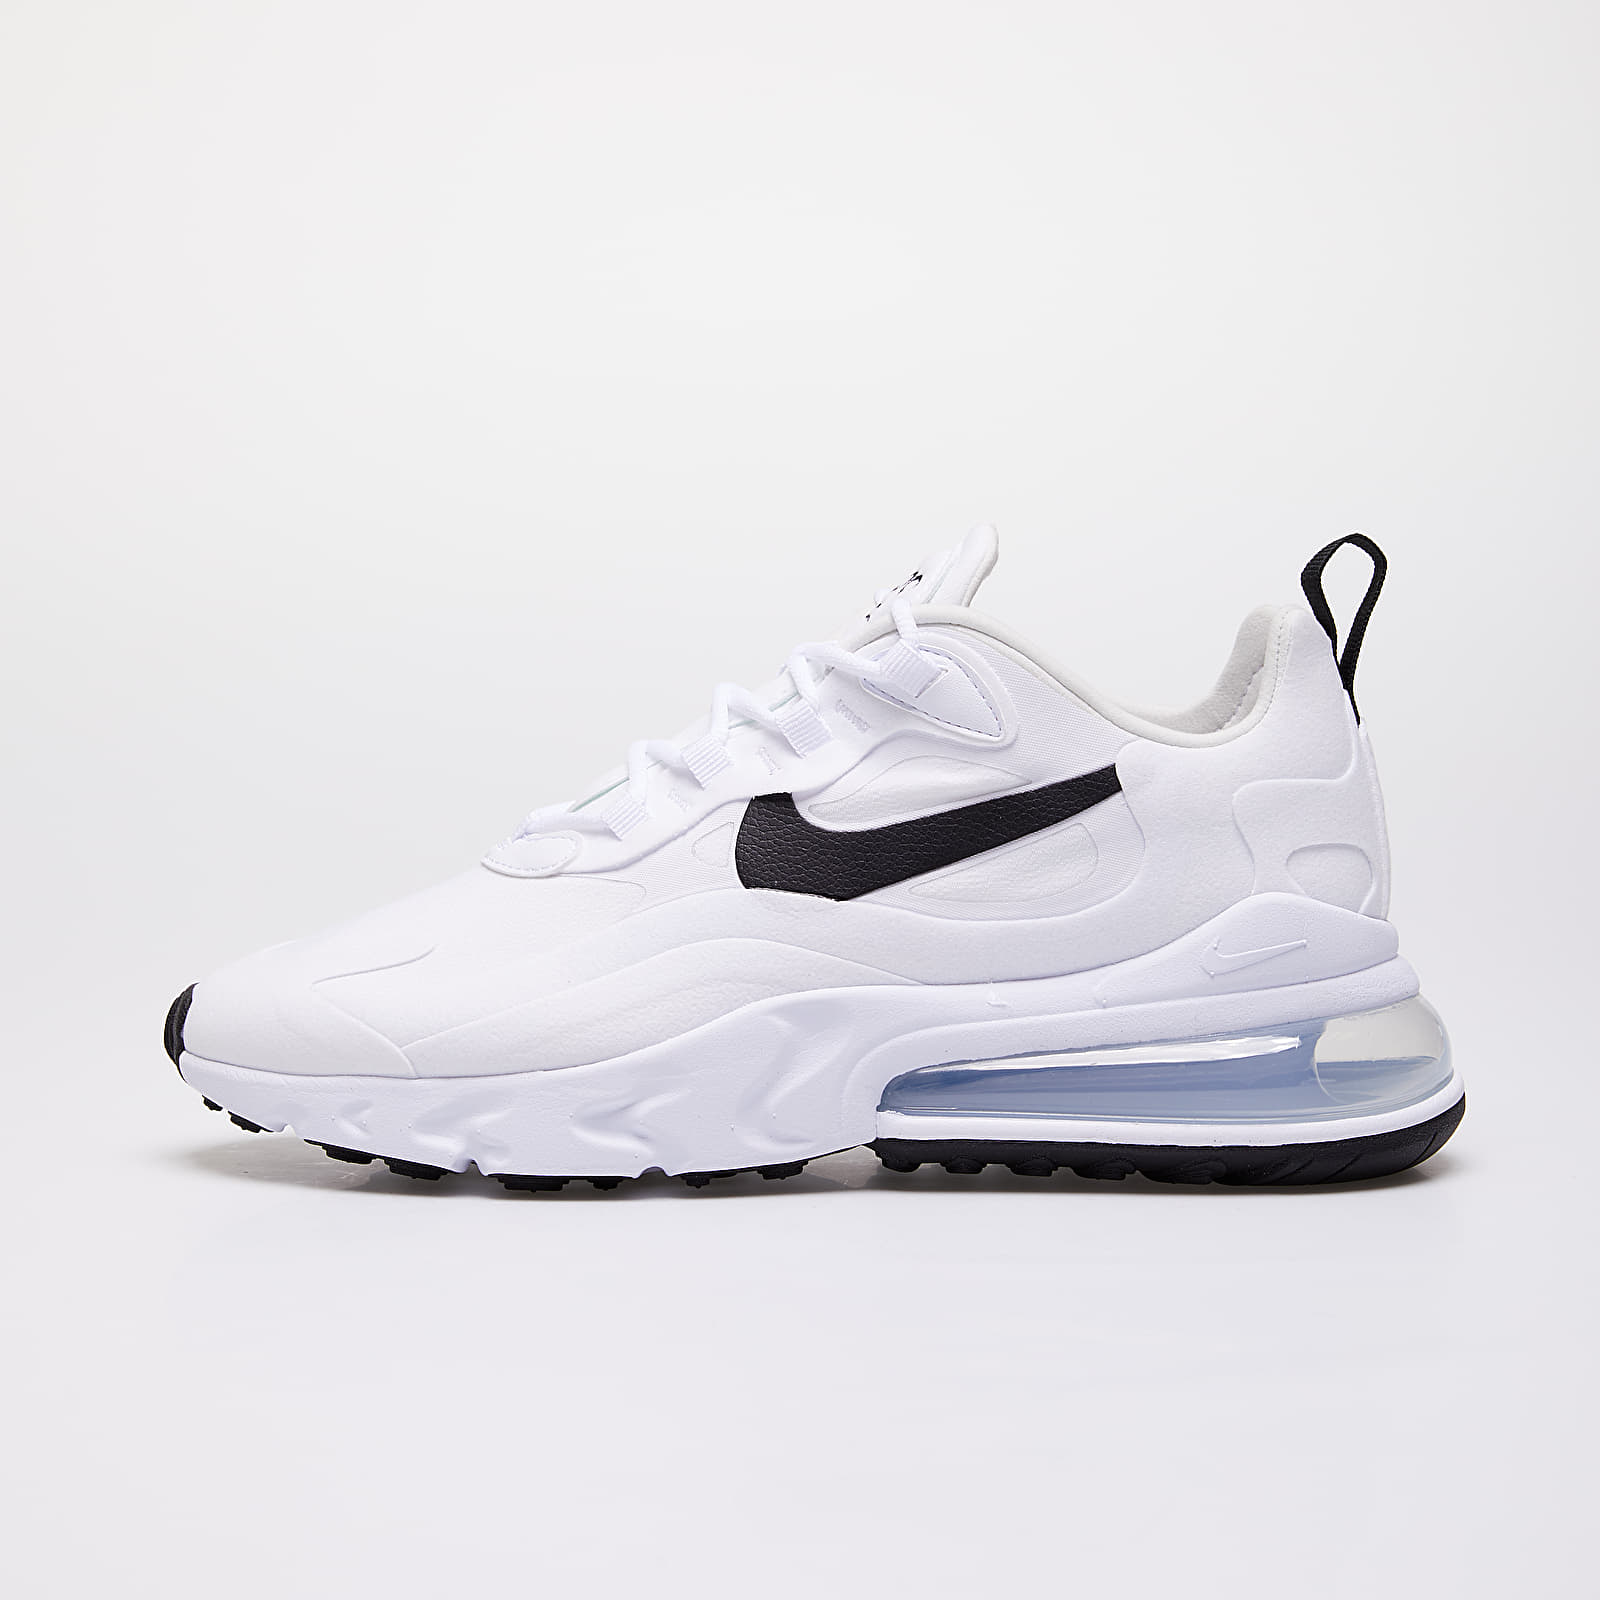 Dámské tenisky a boty Nike W Air Max 270 React White/ Black-Metallic Silver